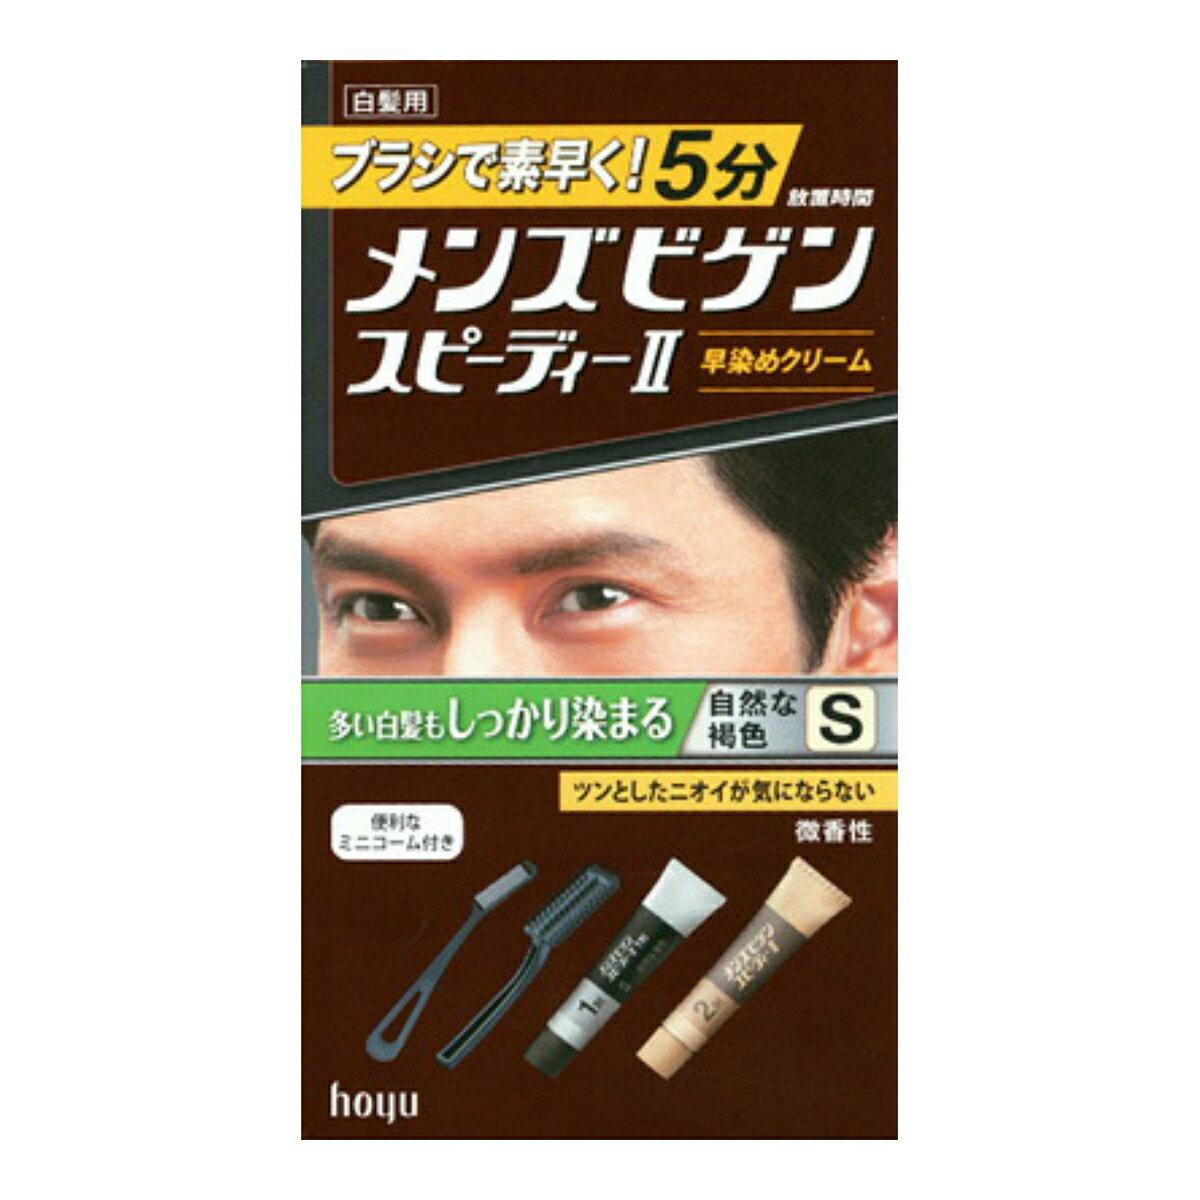 【送料無料】ホーユー メンズビゲン スピーディー2 S 自然な褐色 男性用白髪染め 爽やかなシトラスの香りの微香性タイプ 医薬部外品×54点セット まとめ買い特価!ケース販売 ( 4987205100338 ) のびがよくたれにくいクリームタイプの男性用白髪染めです。必要な分だけ、何回かに分けてお使いいただけます 4987205100338